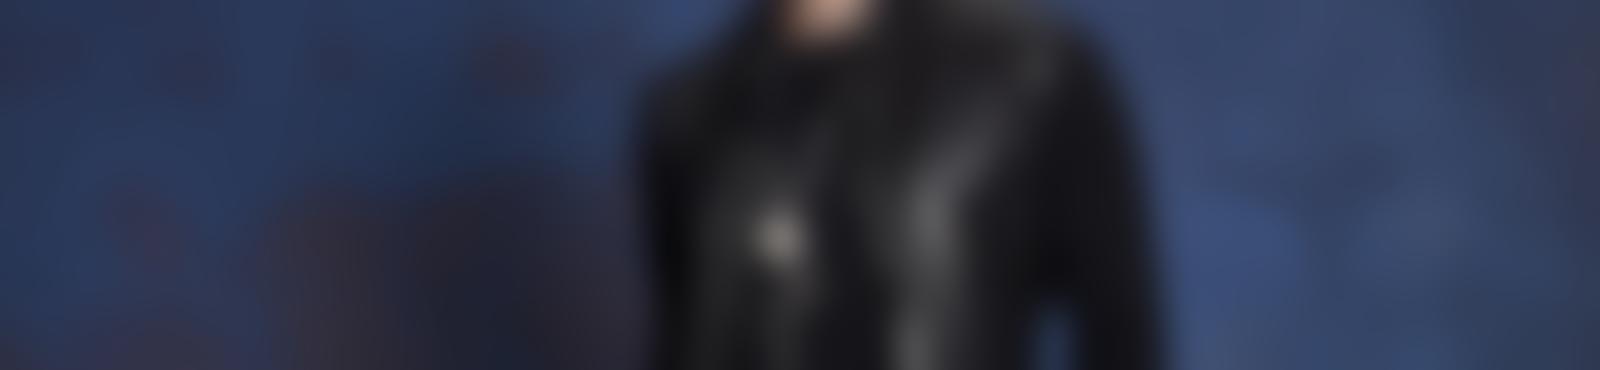 Blurred 0b09afc8 cb30 4ff7 a9f7 f5405c77650a